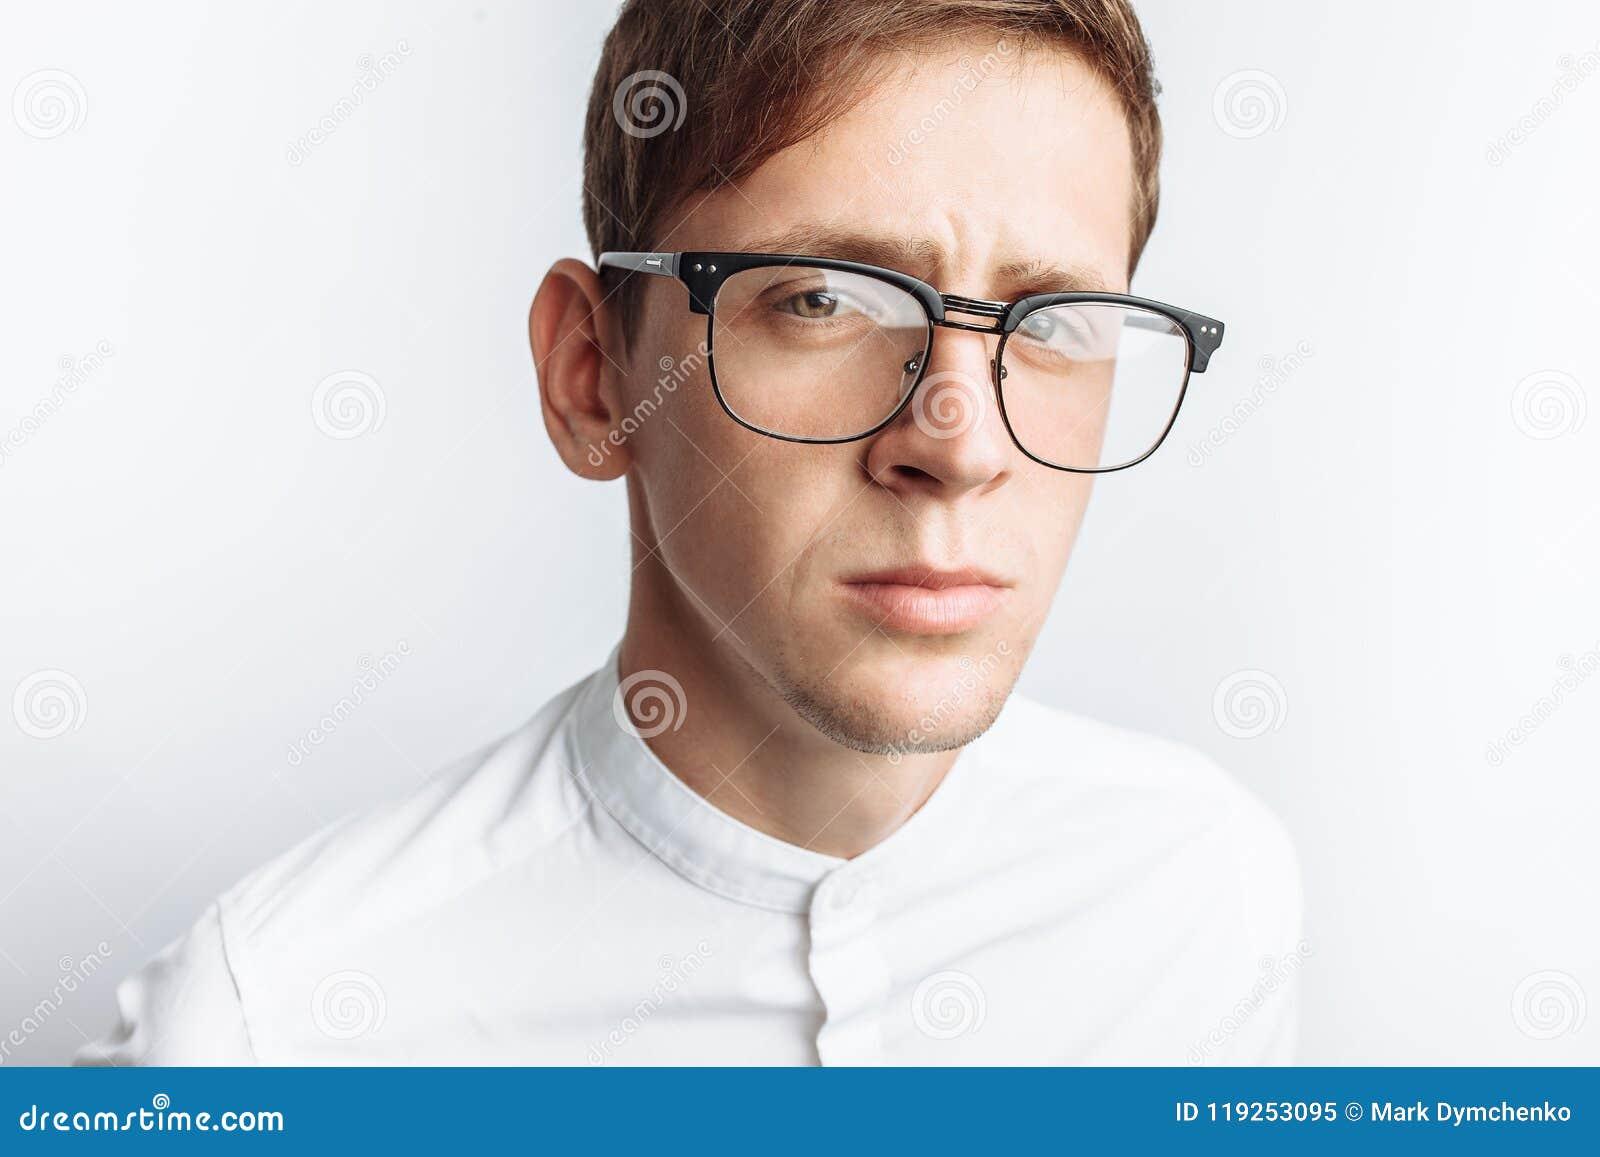 Ritratto di giovane tipo attraente in vetri, in camicia bianca, isolata su fondo bianco, per la pubblicità, inserzione del testo